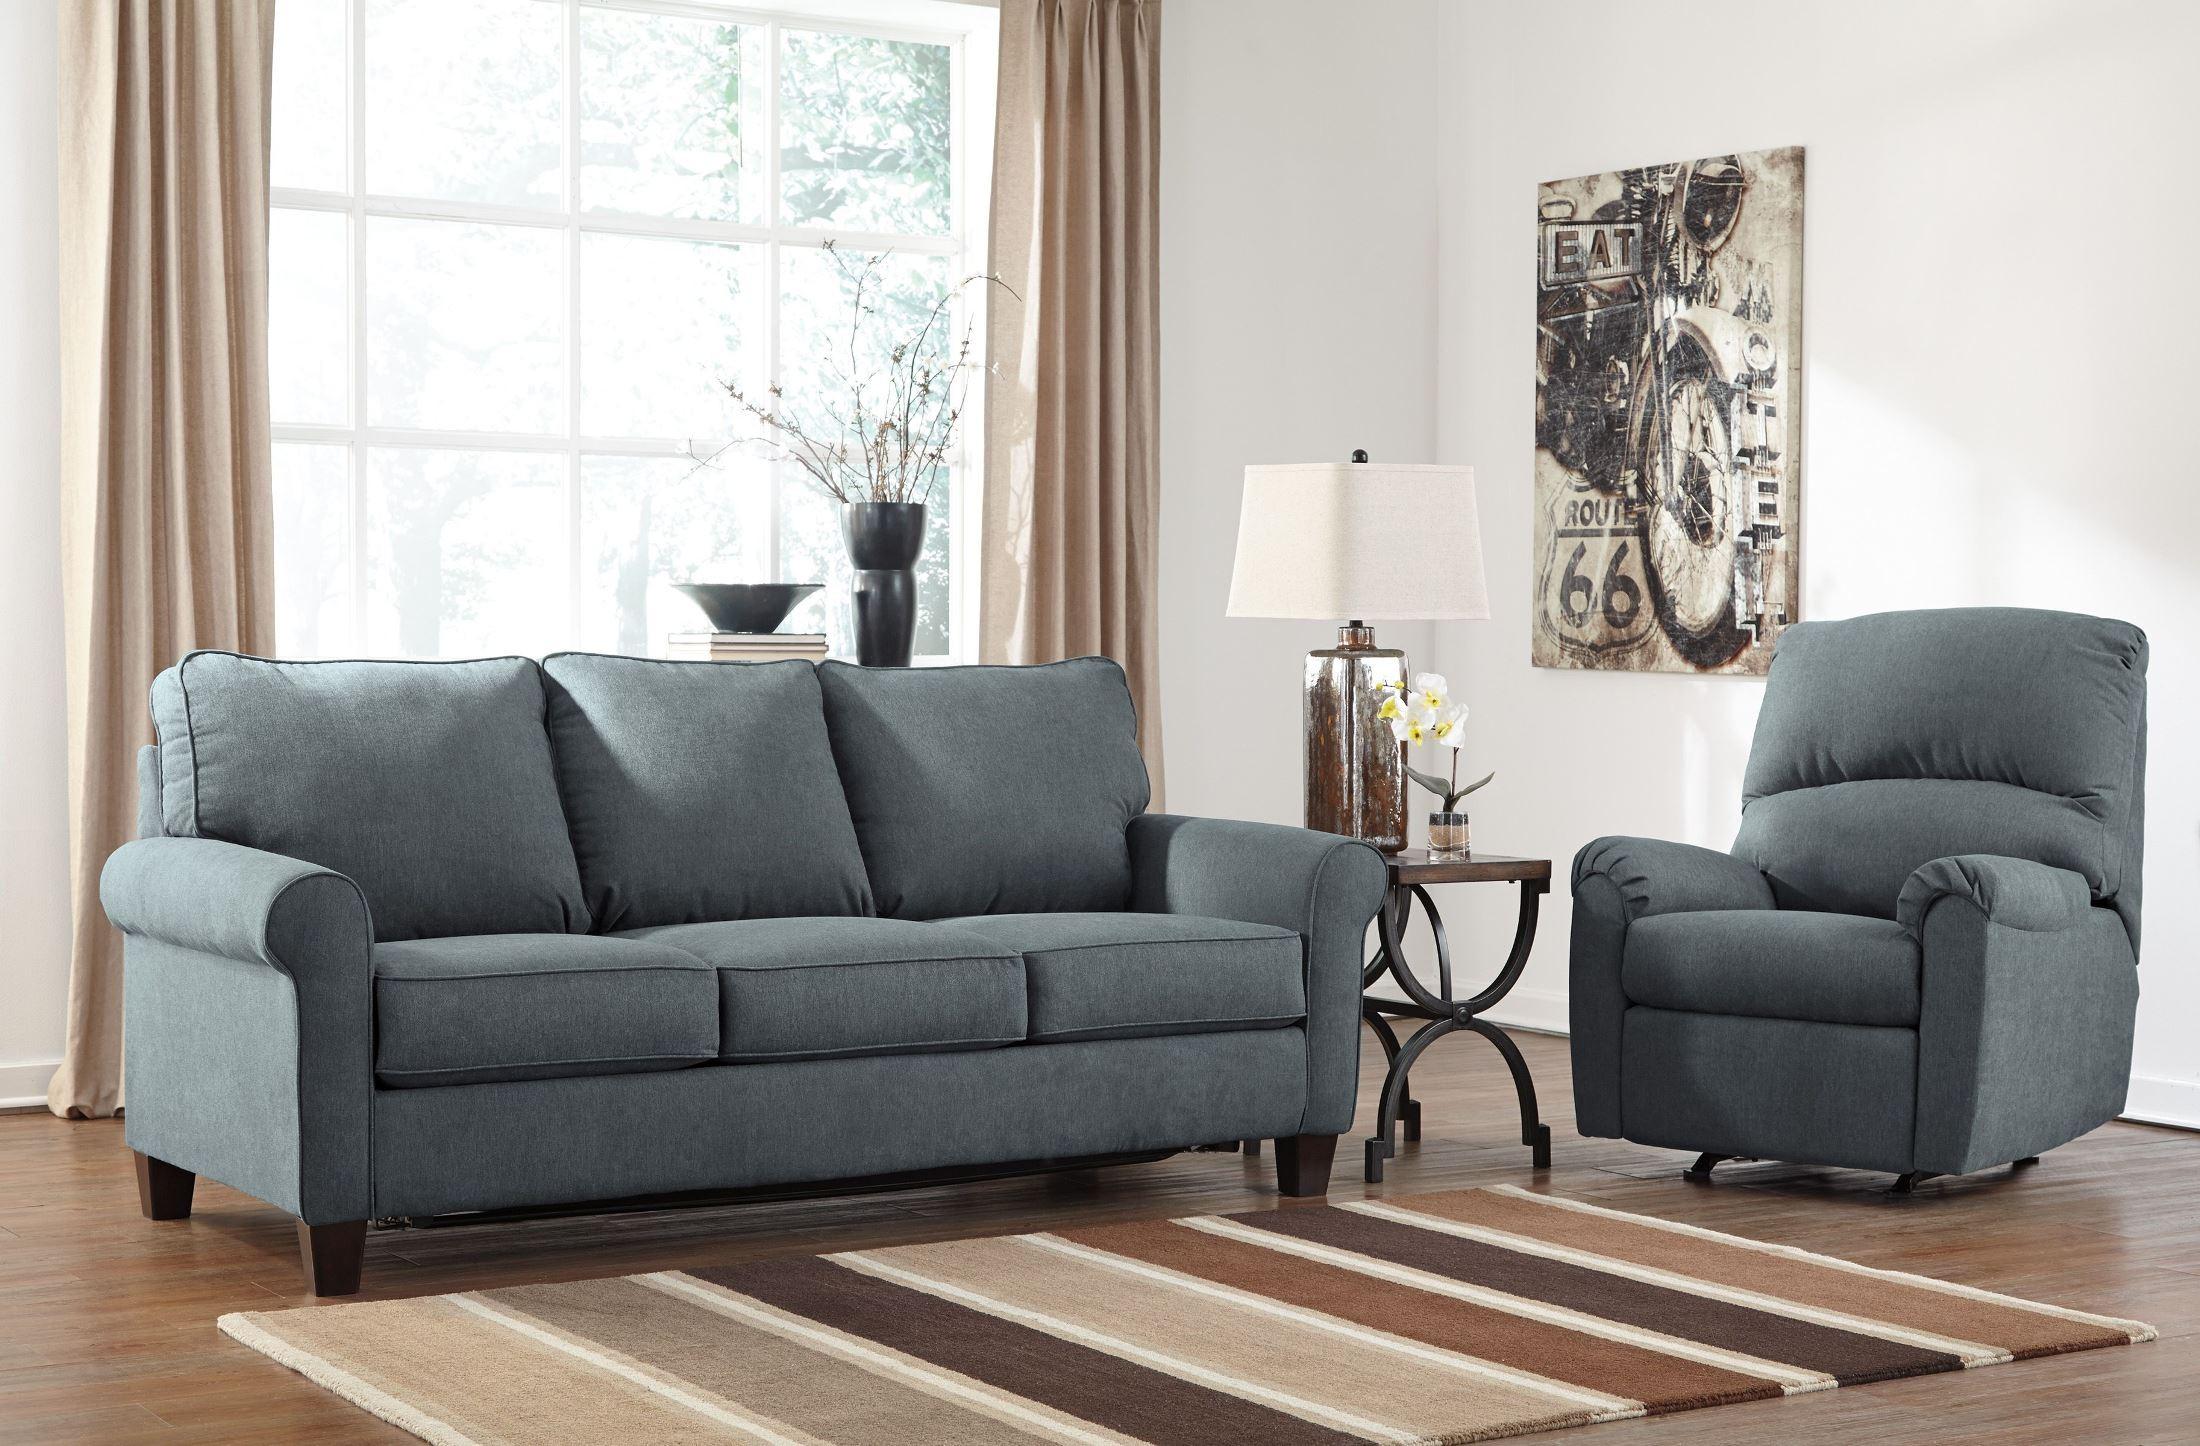 denim living room set from ashley 2710137 25 coleman furniture